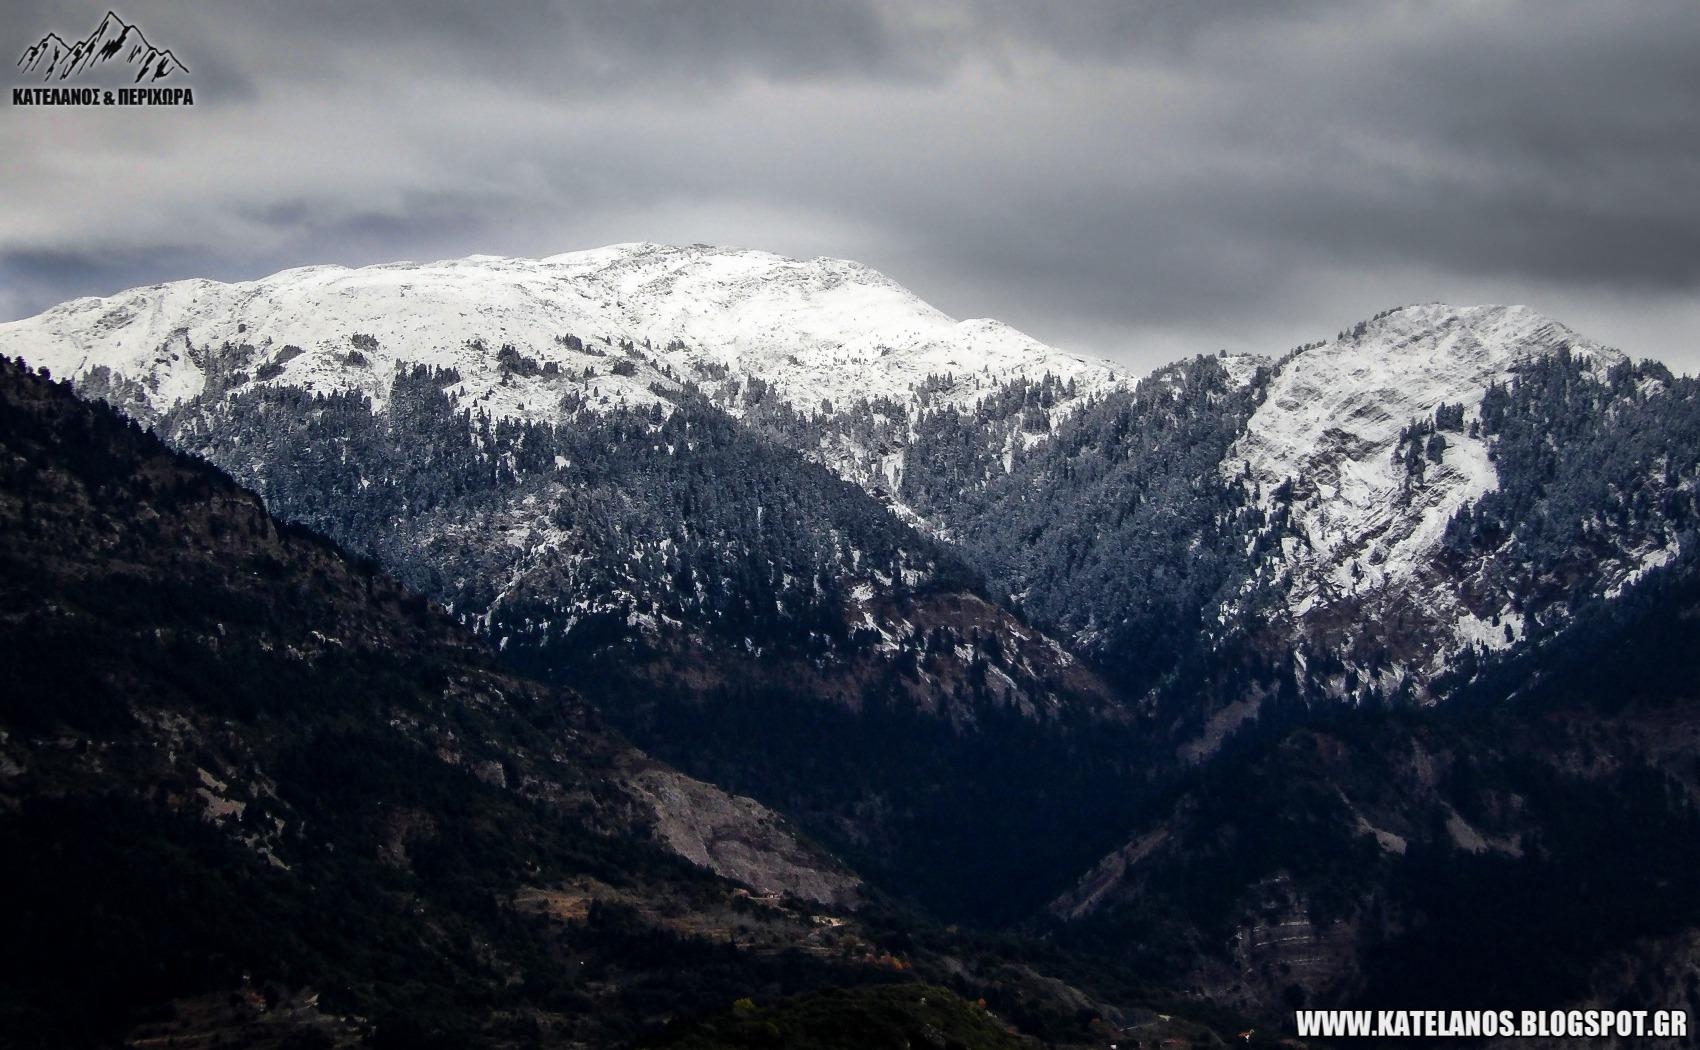 χιονισμενα τοπια αιτωλοακαρνανιας κορυφες βουνων χιονια